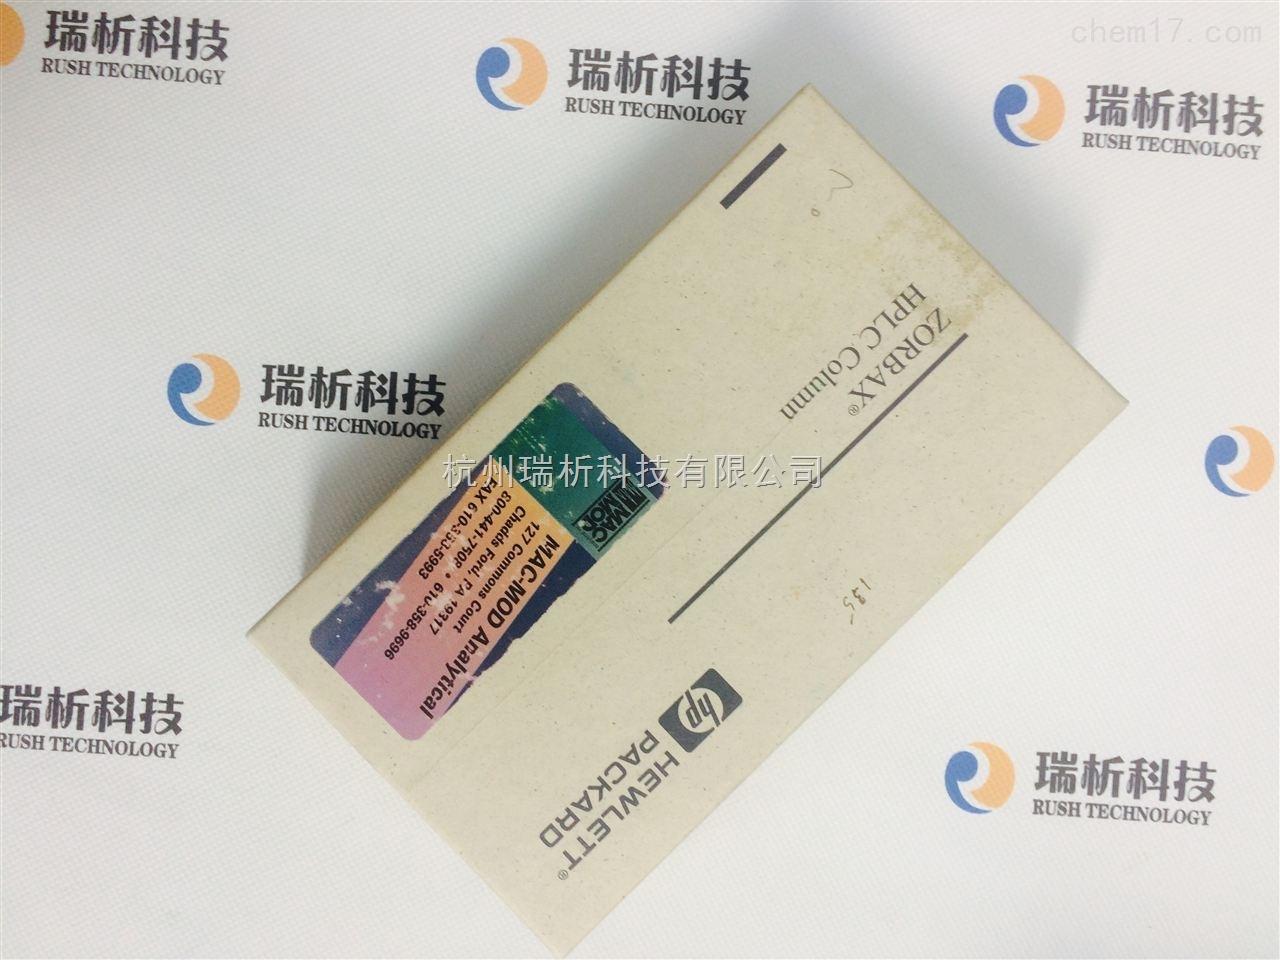 979300-976979300-976 ZORBAX Eclipse XDB-C8 柱芯, 2.1 x 30 mm,